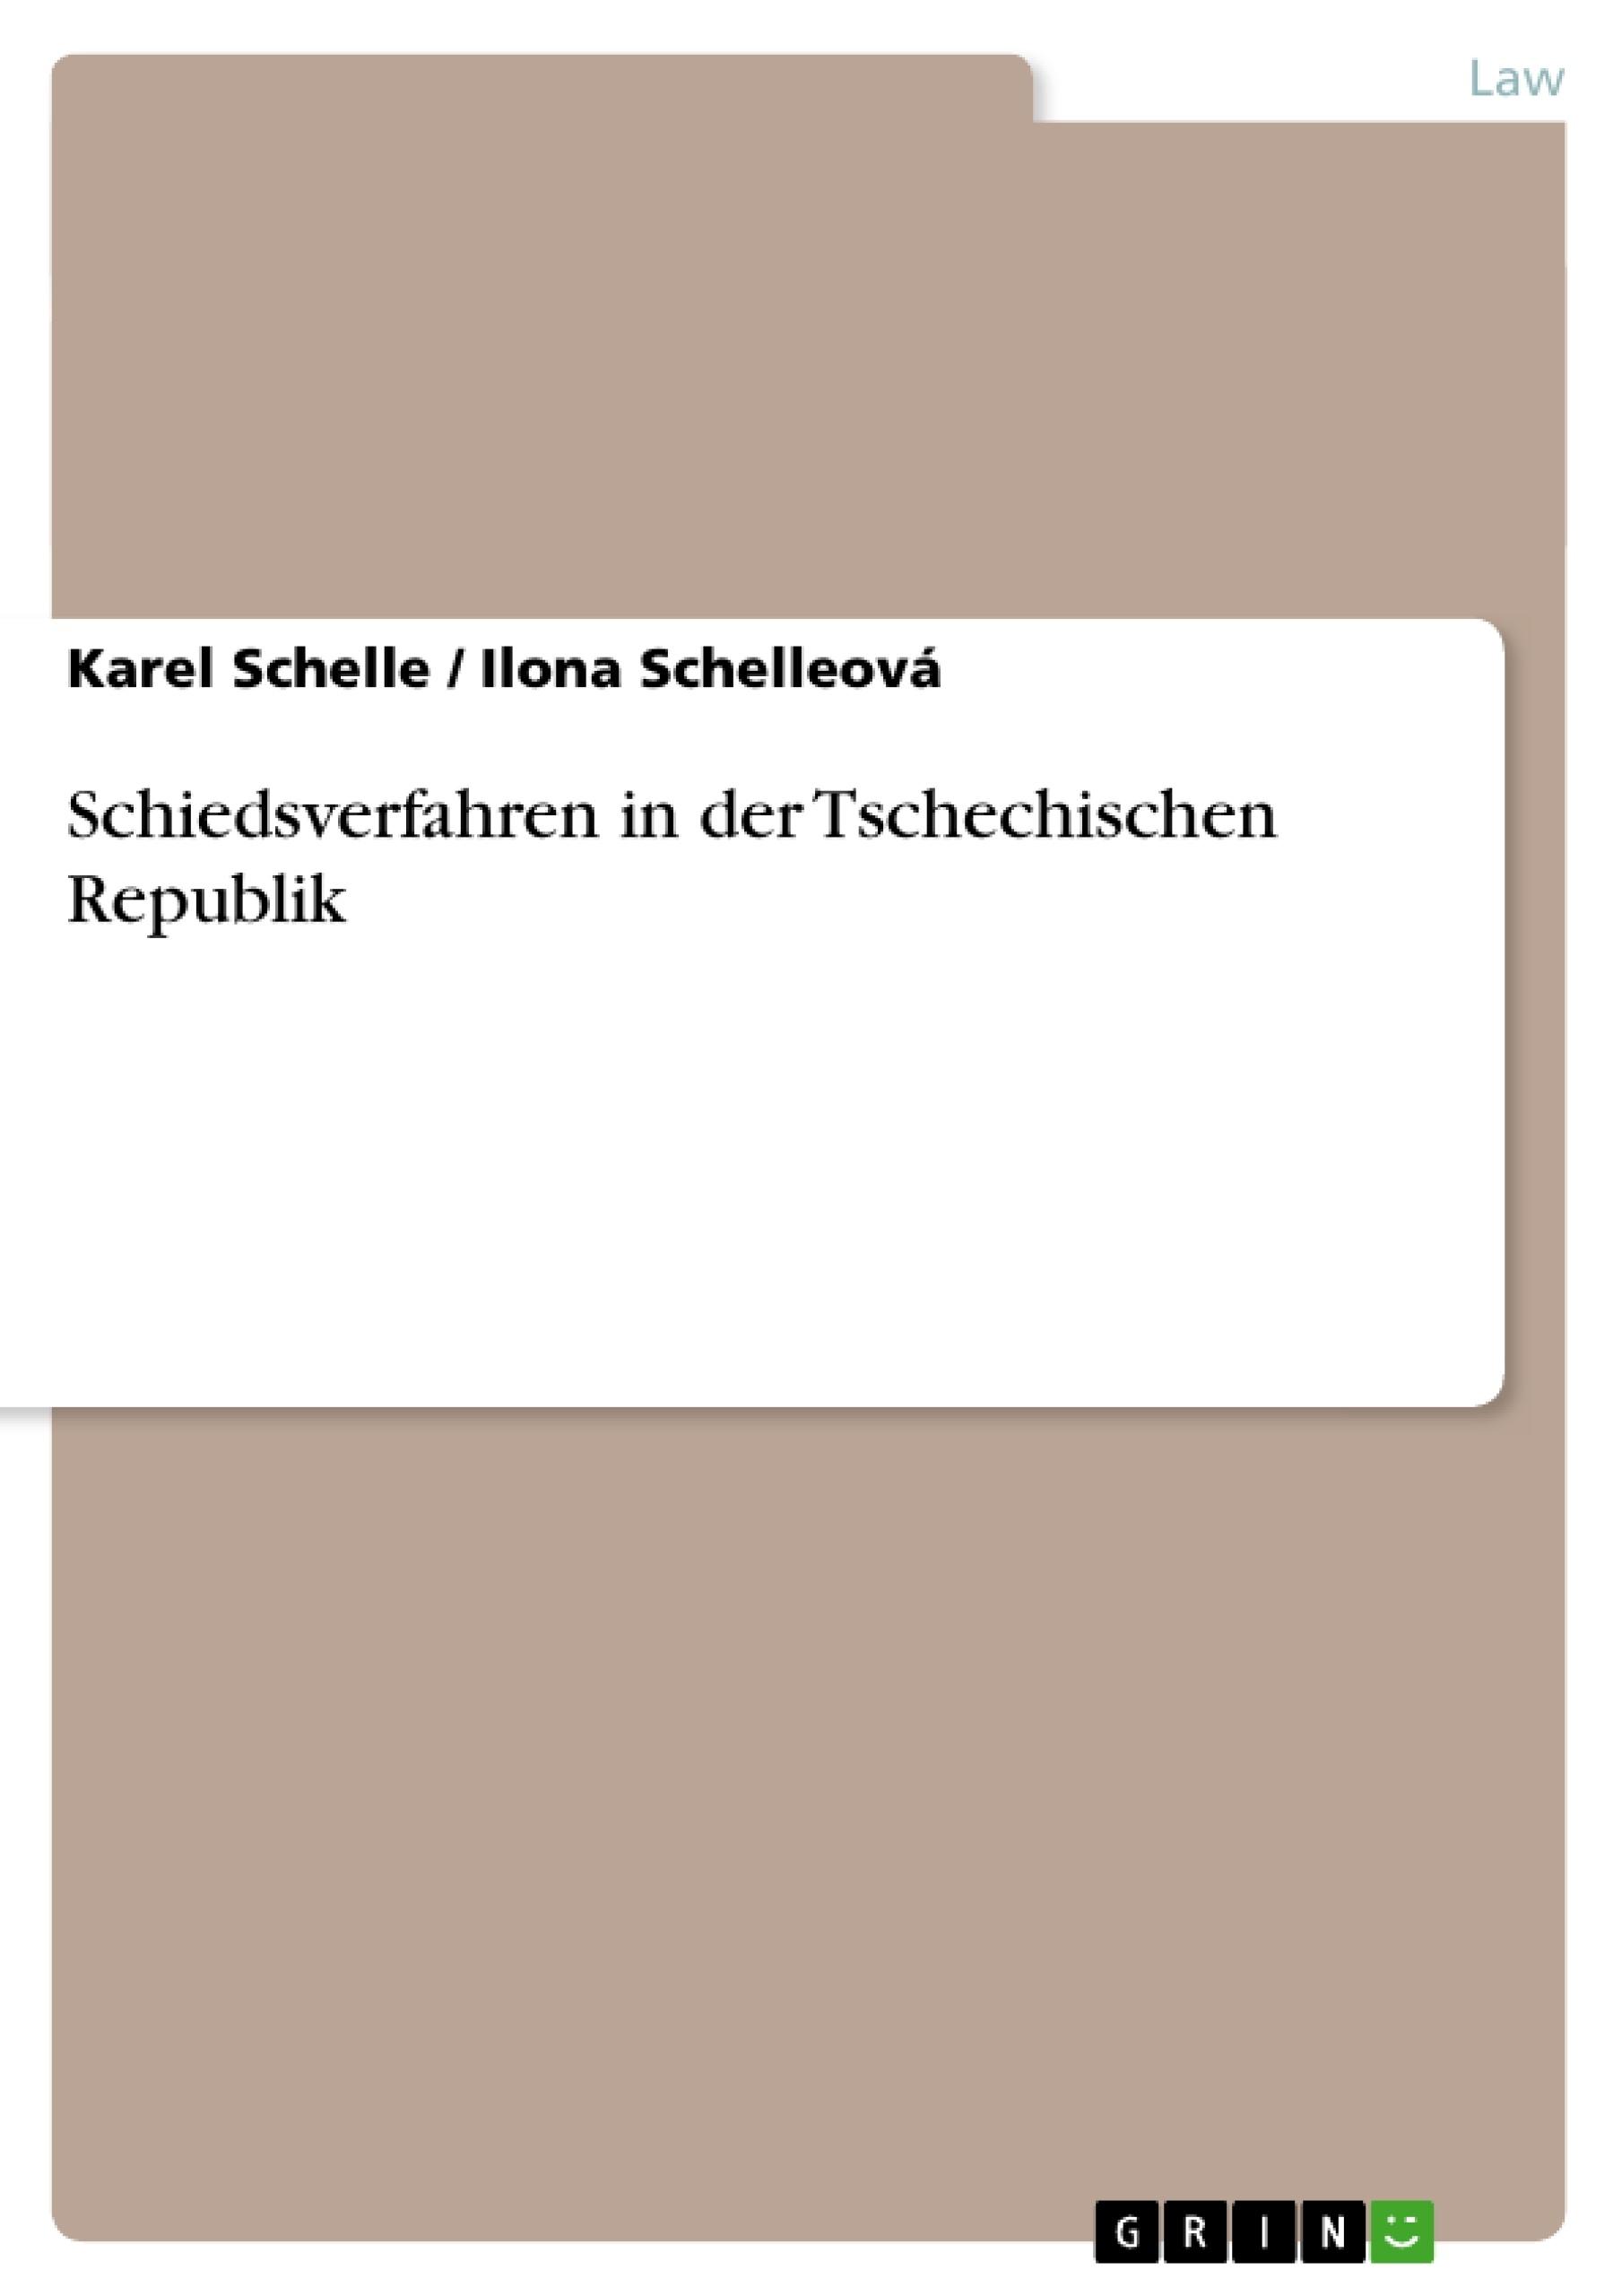 Title: Schiedsverfahren in der Tschechischen Republik